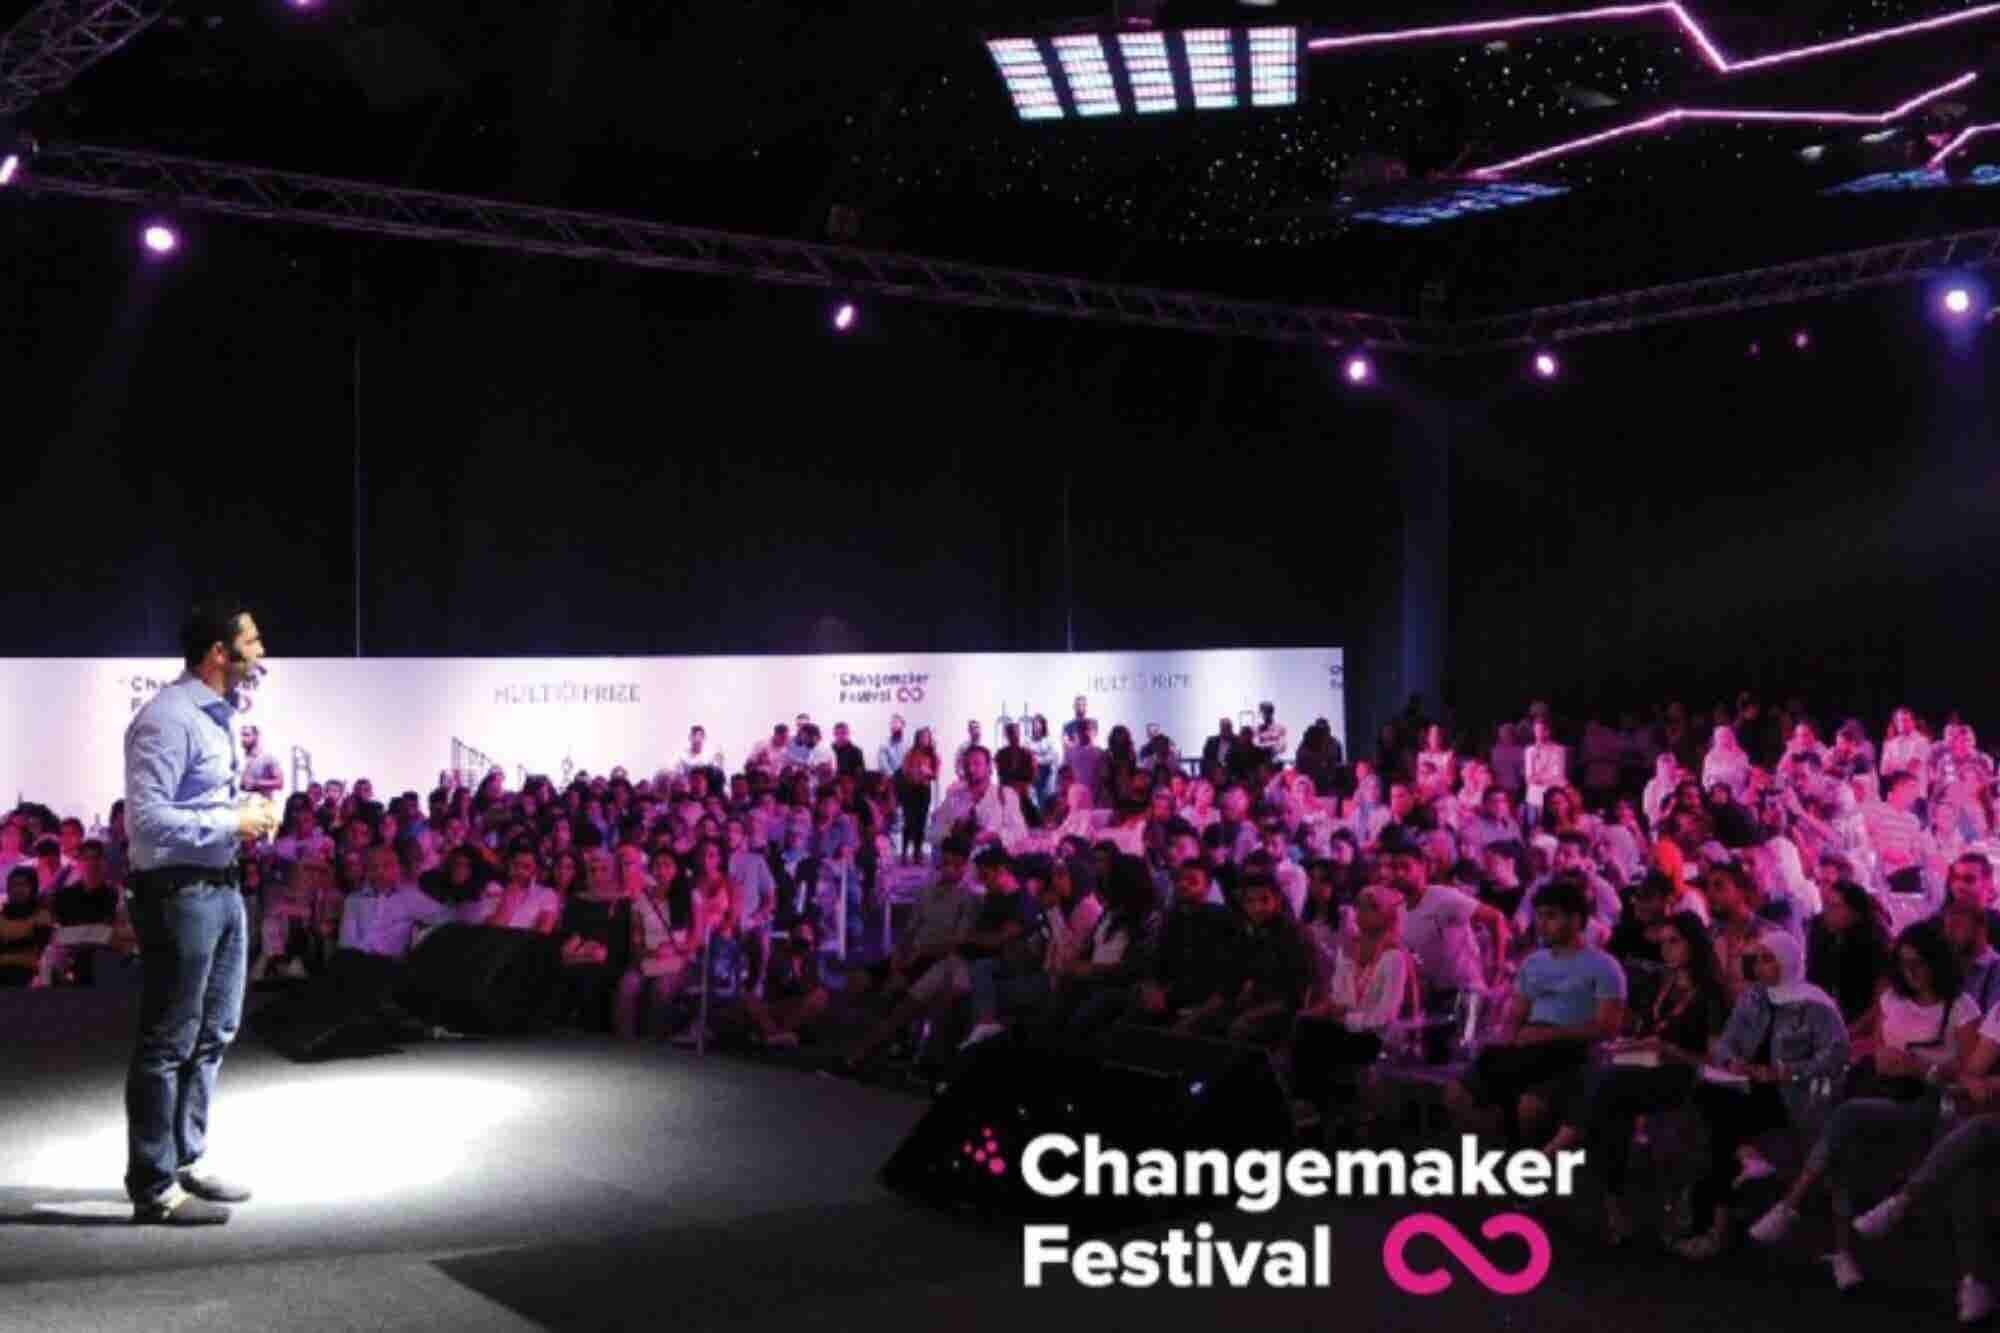 Asiste a Changemaker Festival, el evento donde surgen los próximos héroes que salvarán el mundo